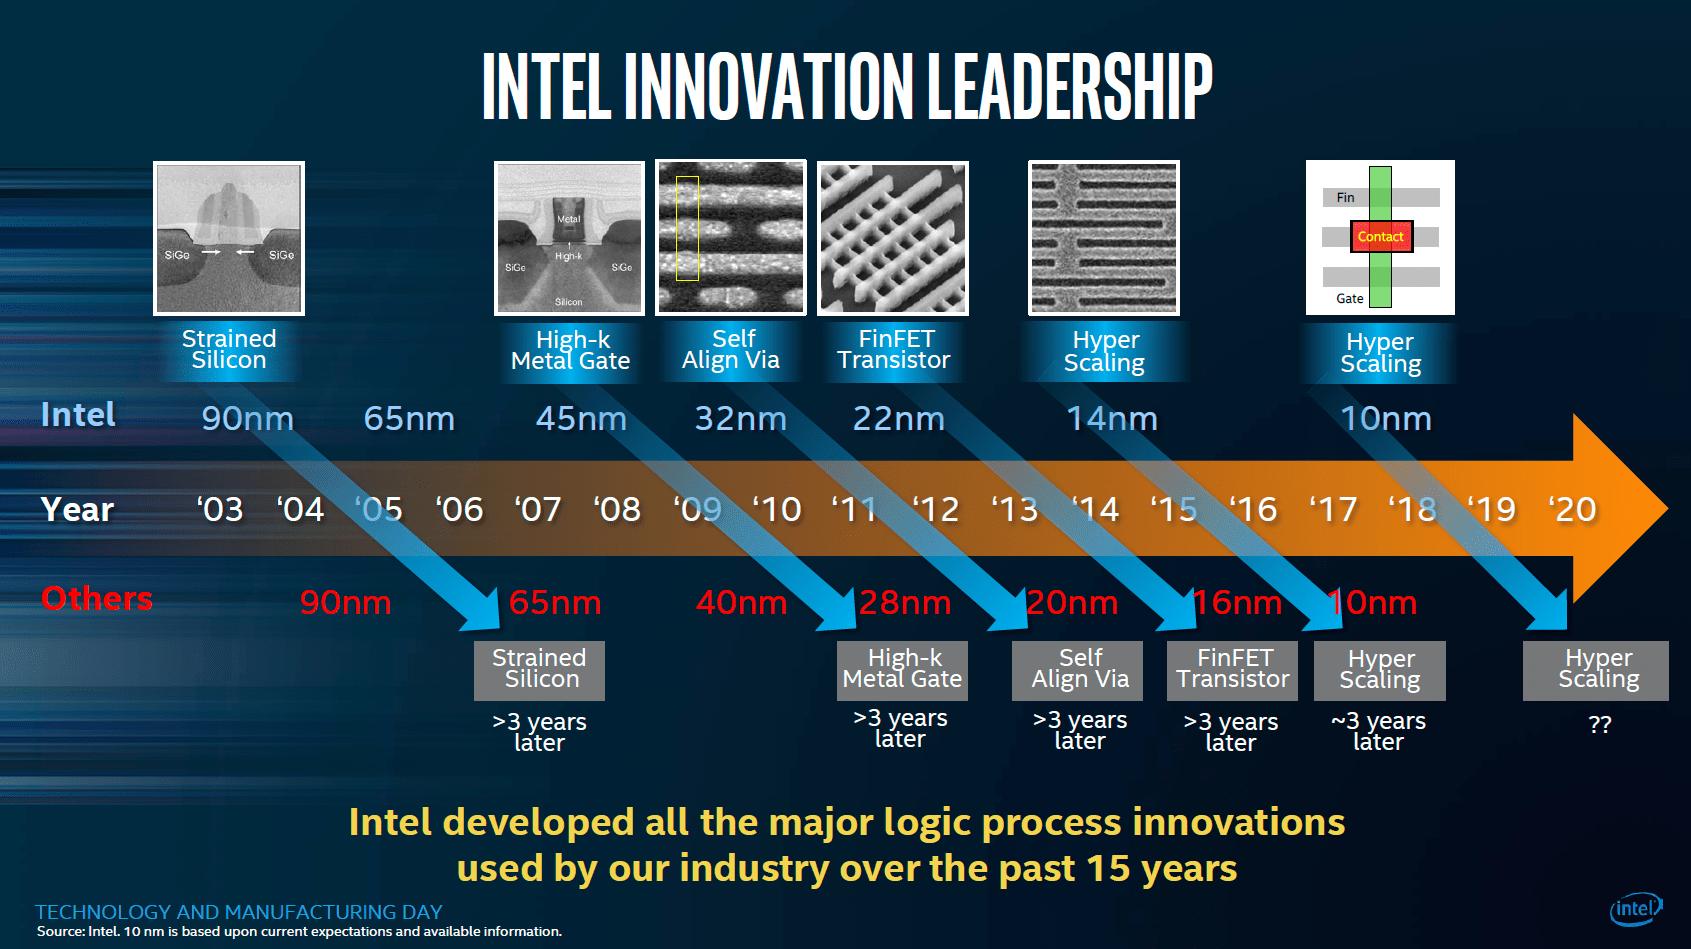 Intel hat nach eigenen Angaben alle wichtigen Innovationen geliefert